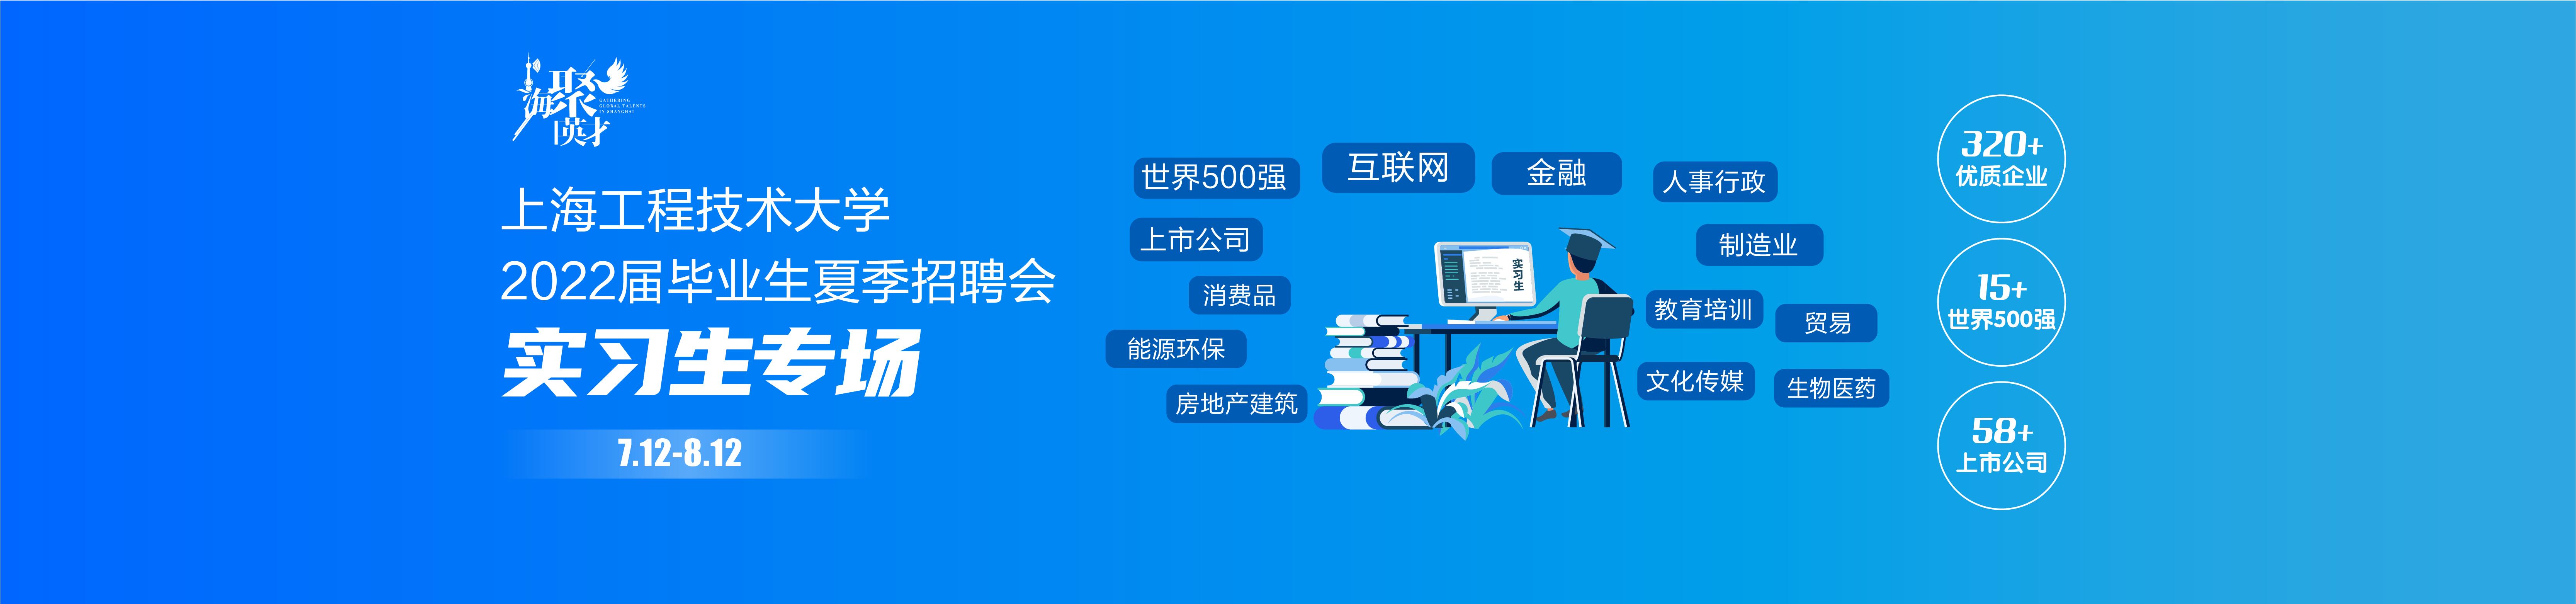 """上海工程技术大学2022届毕业生夏季招聘会""""实习生专场"""""""